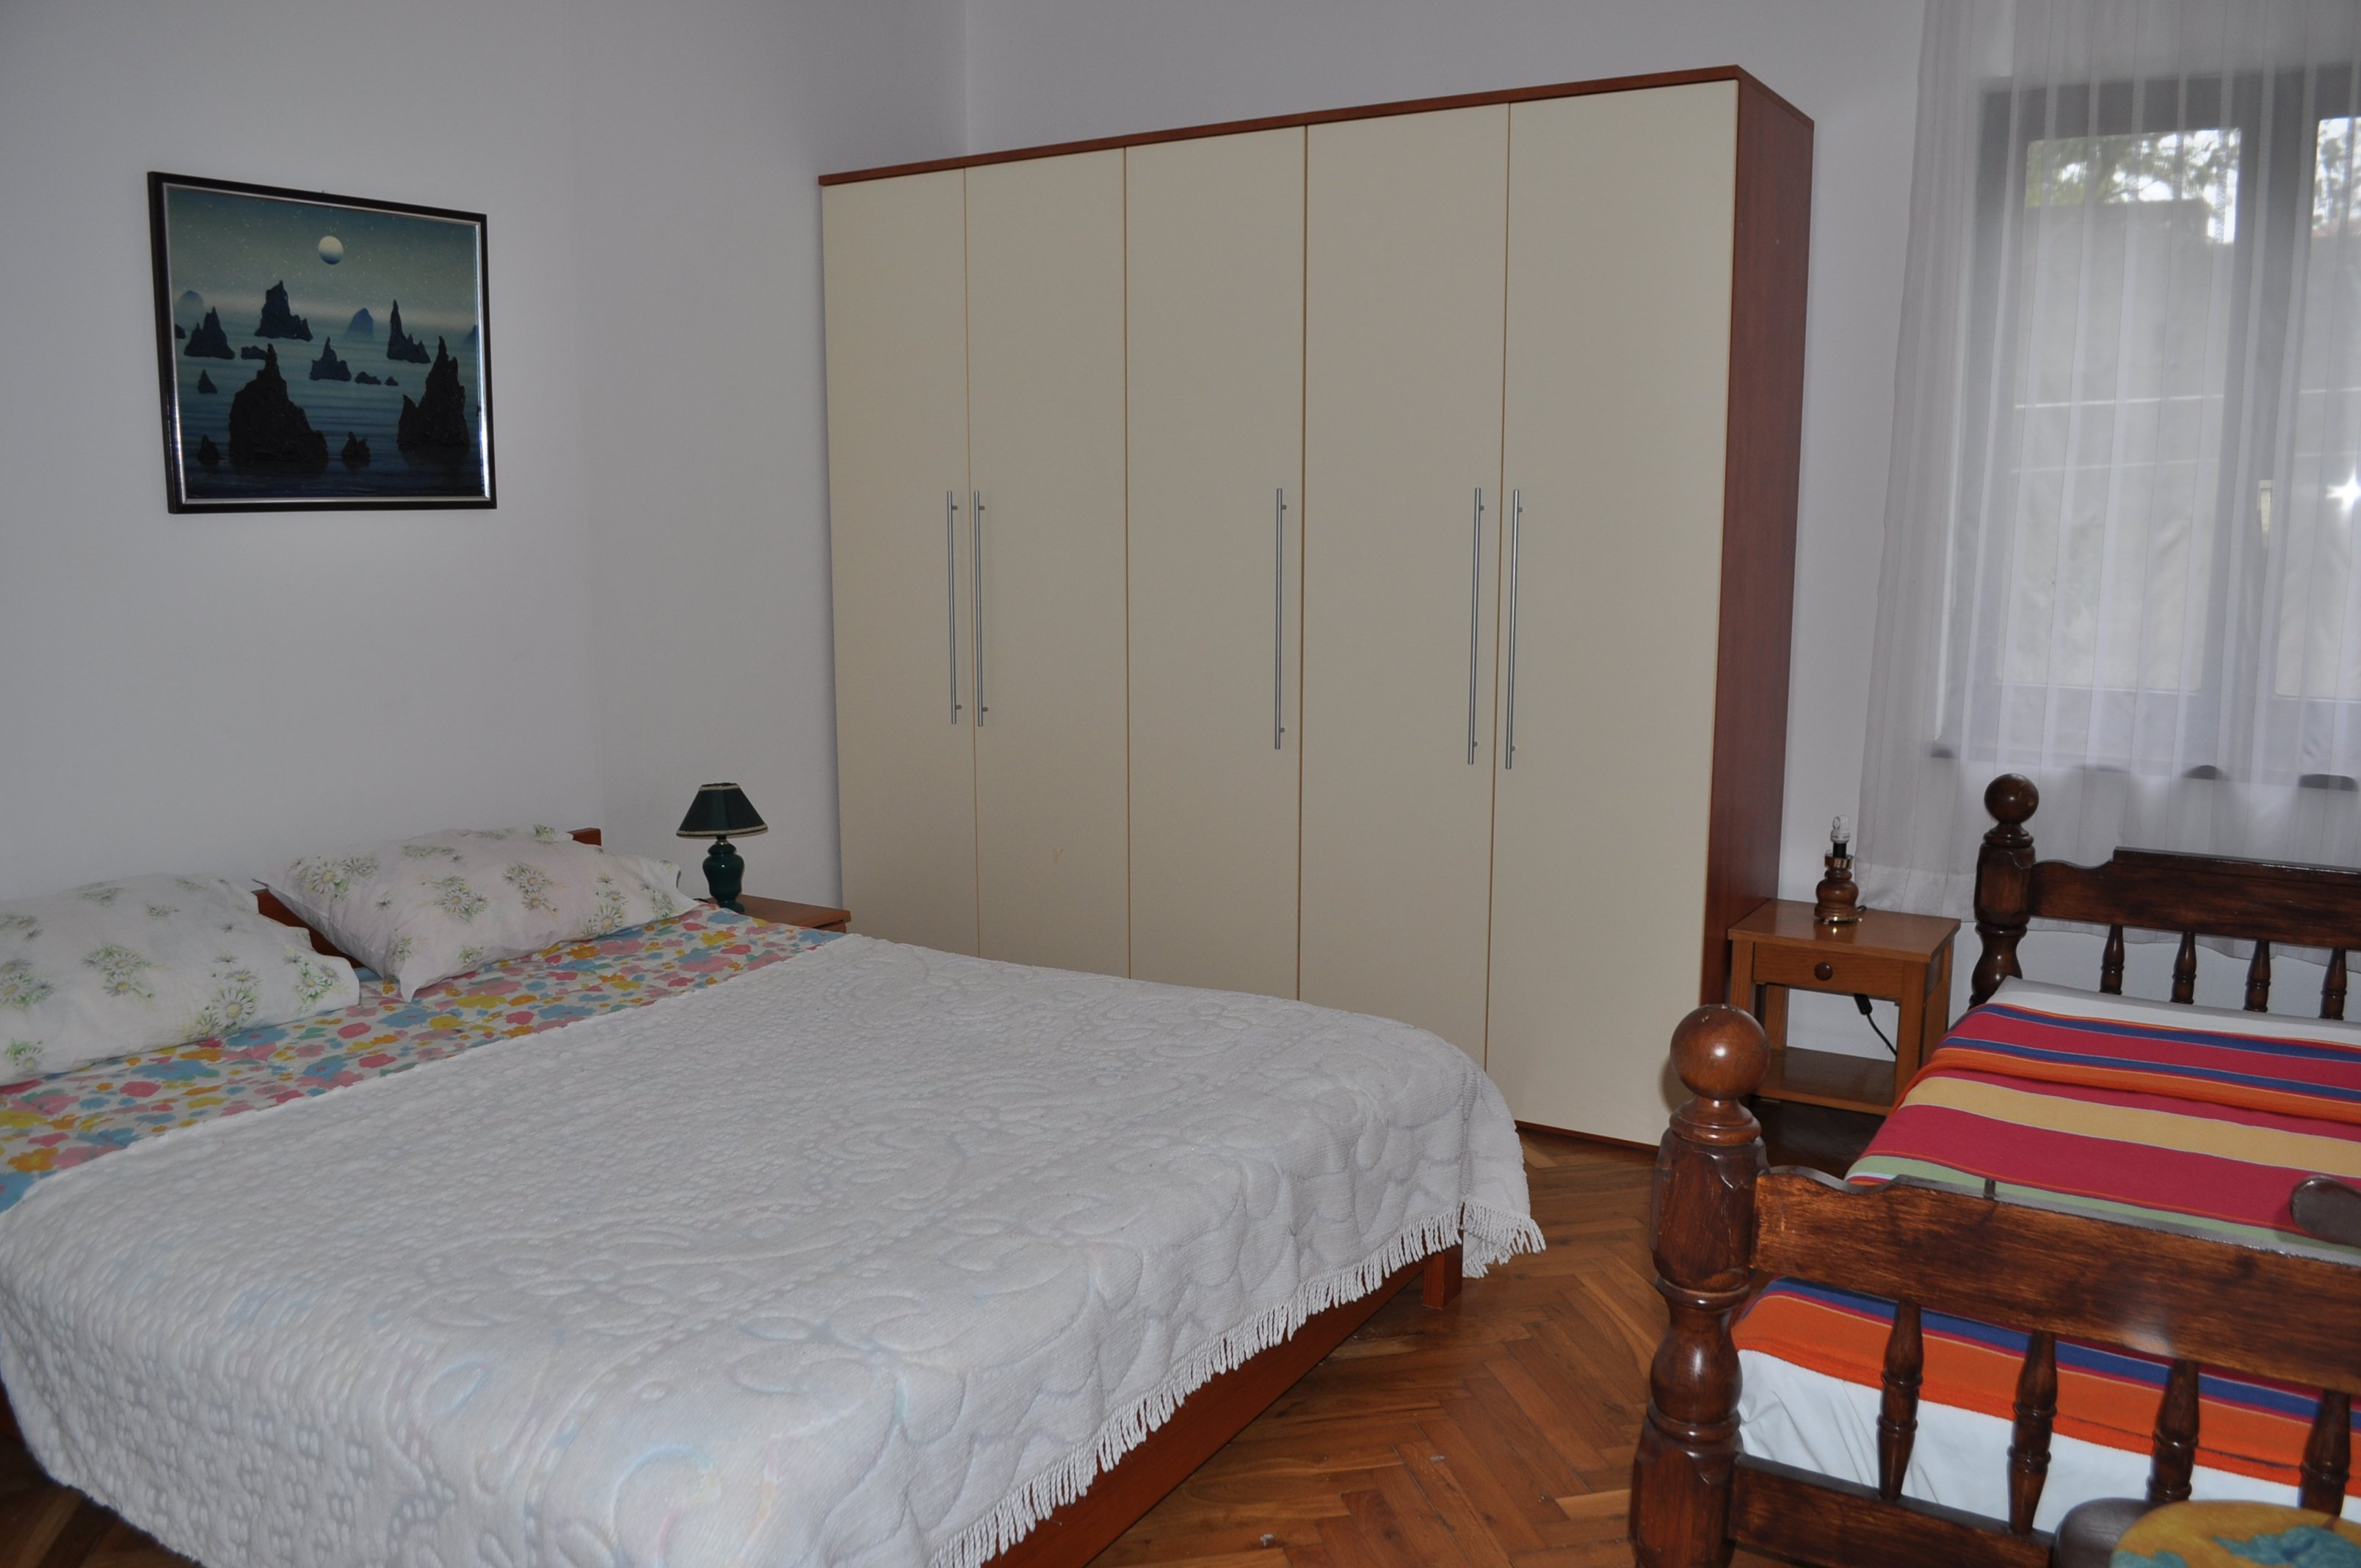 Sobe, Jednosobni ili dvosoban stan